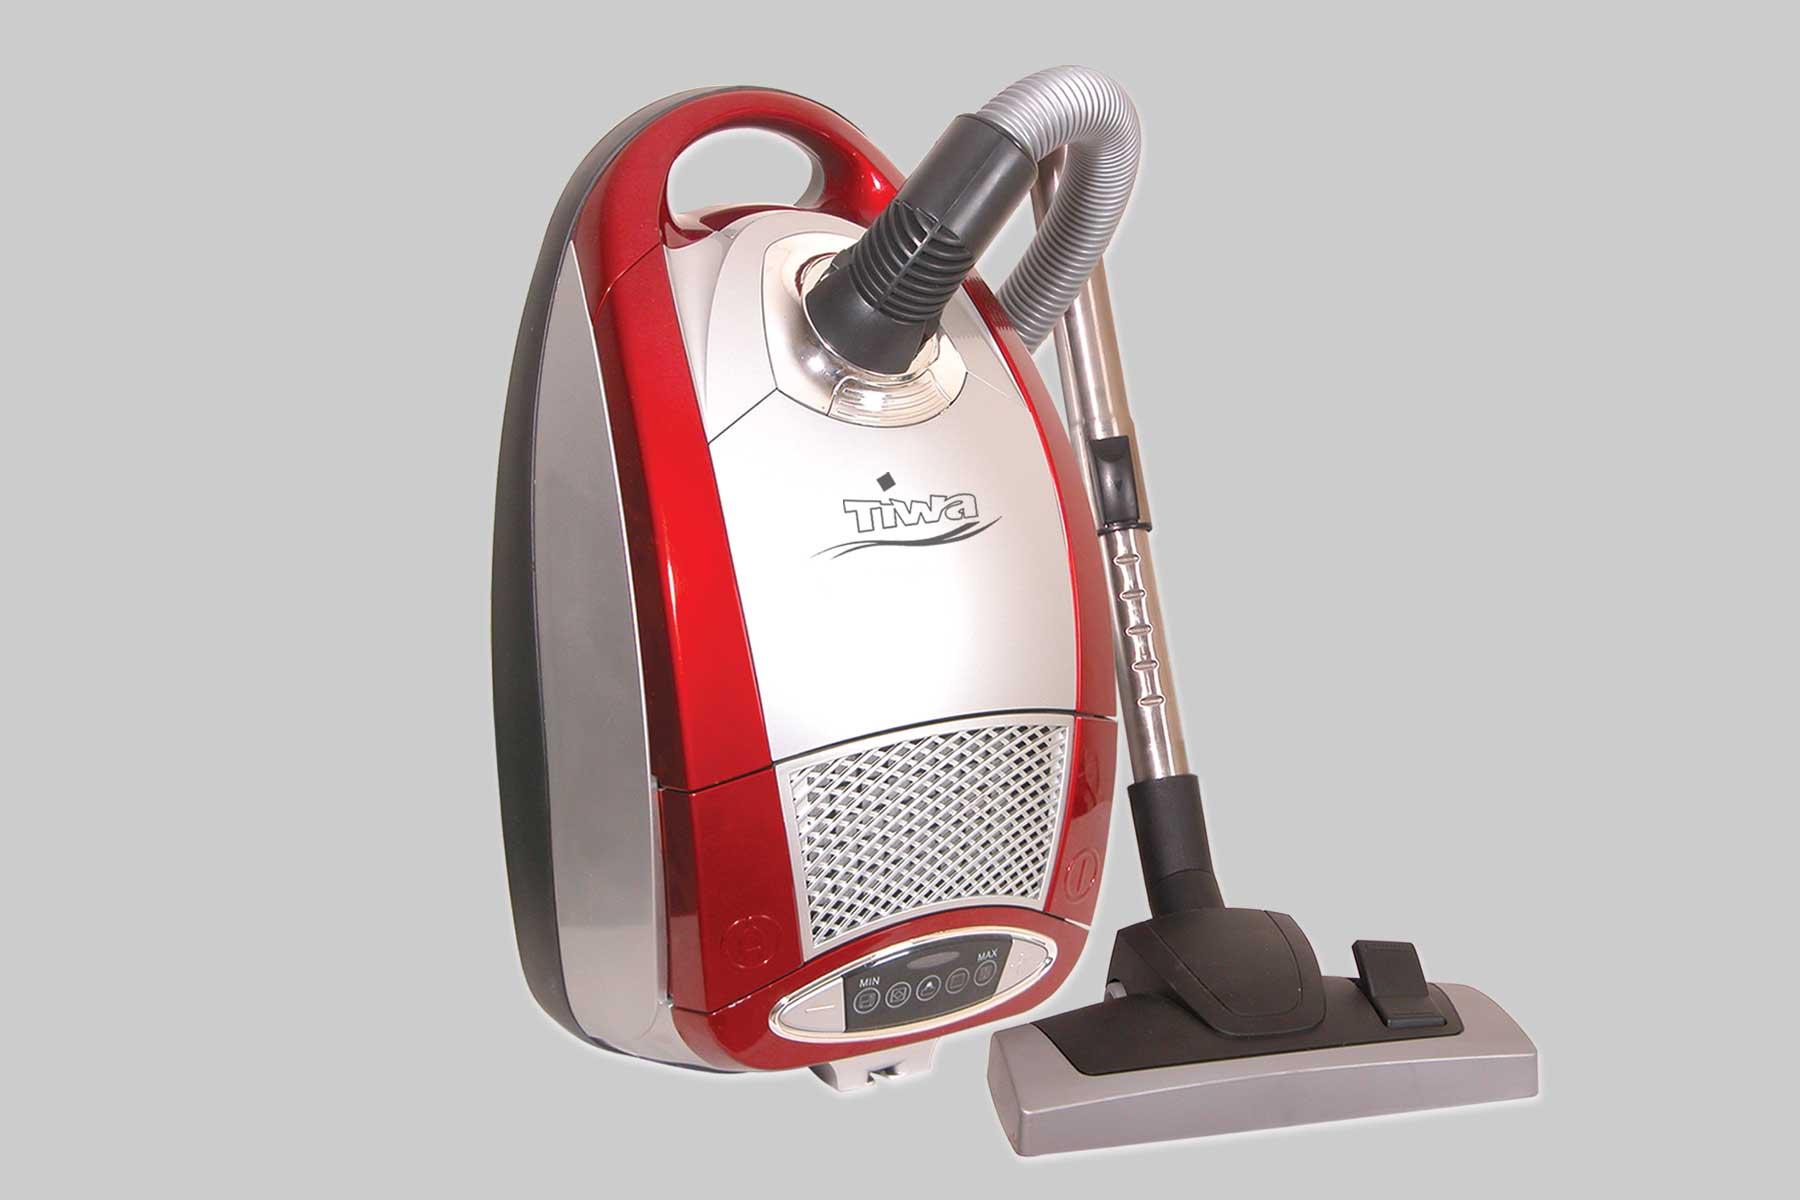 جارو برقی تیوا مدل 3600